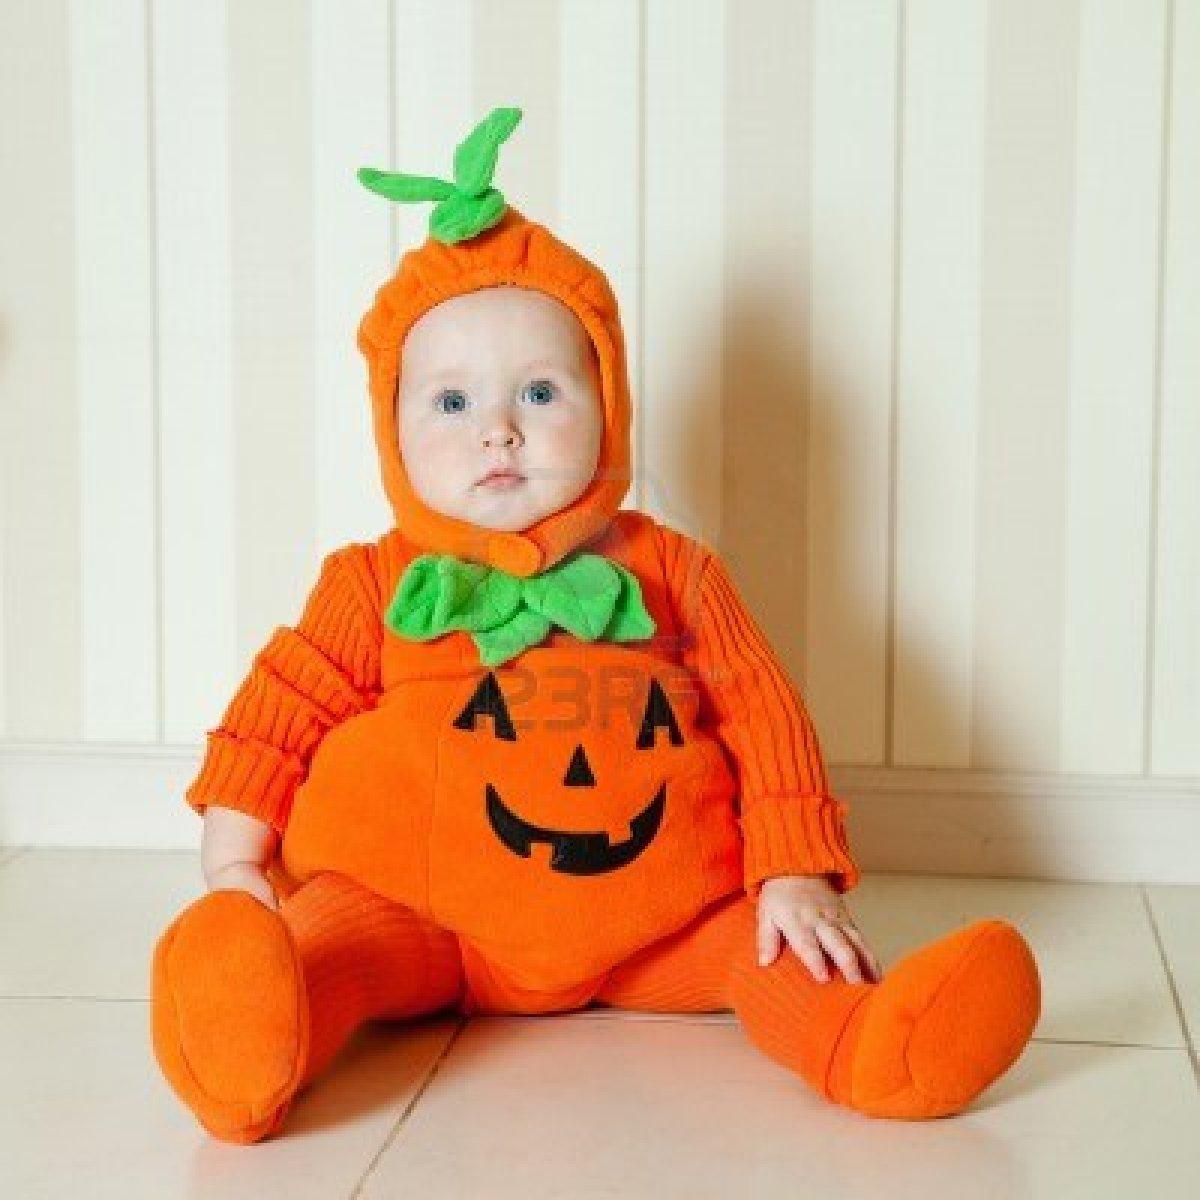 Beb s con disfraz de calabaza halloween - Disfraces de halloween bebes ...